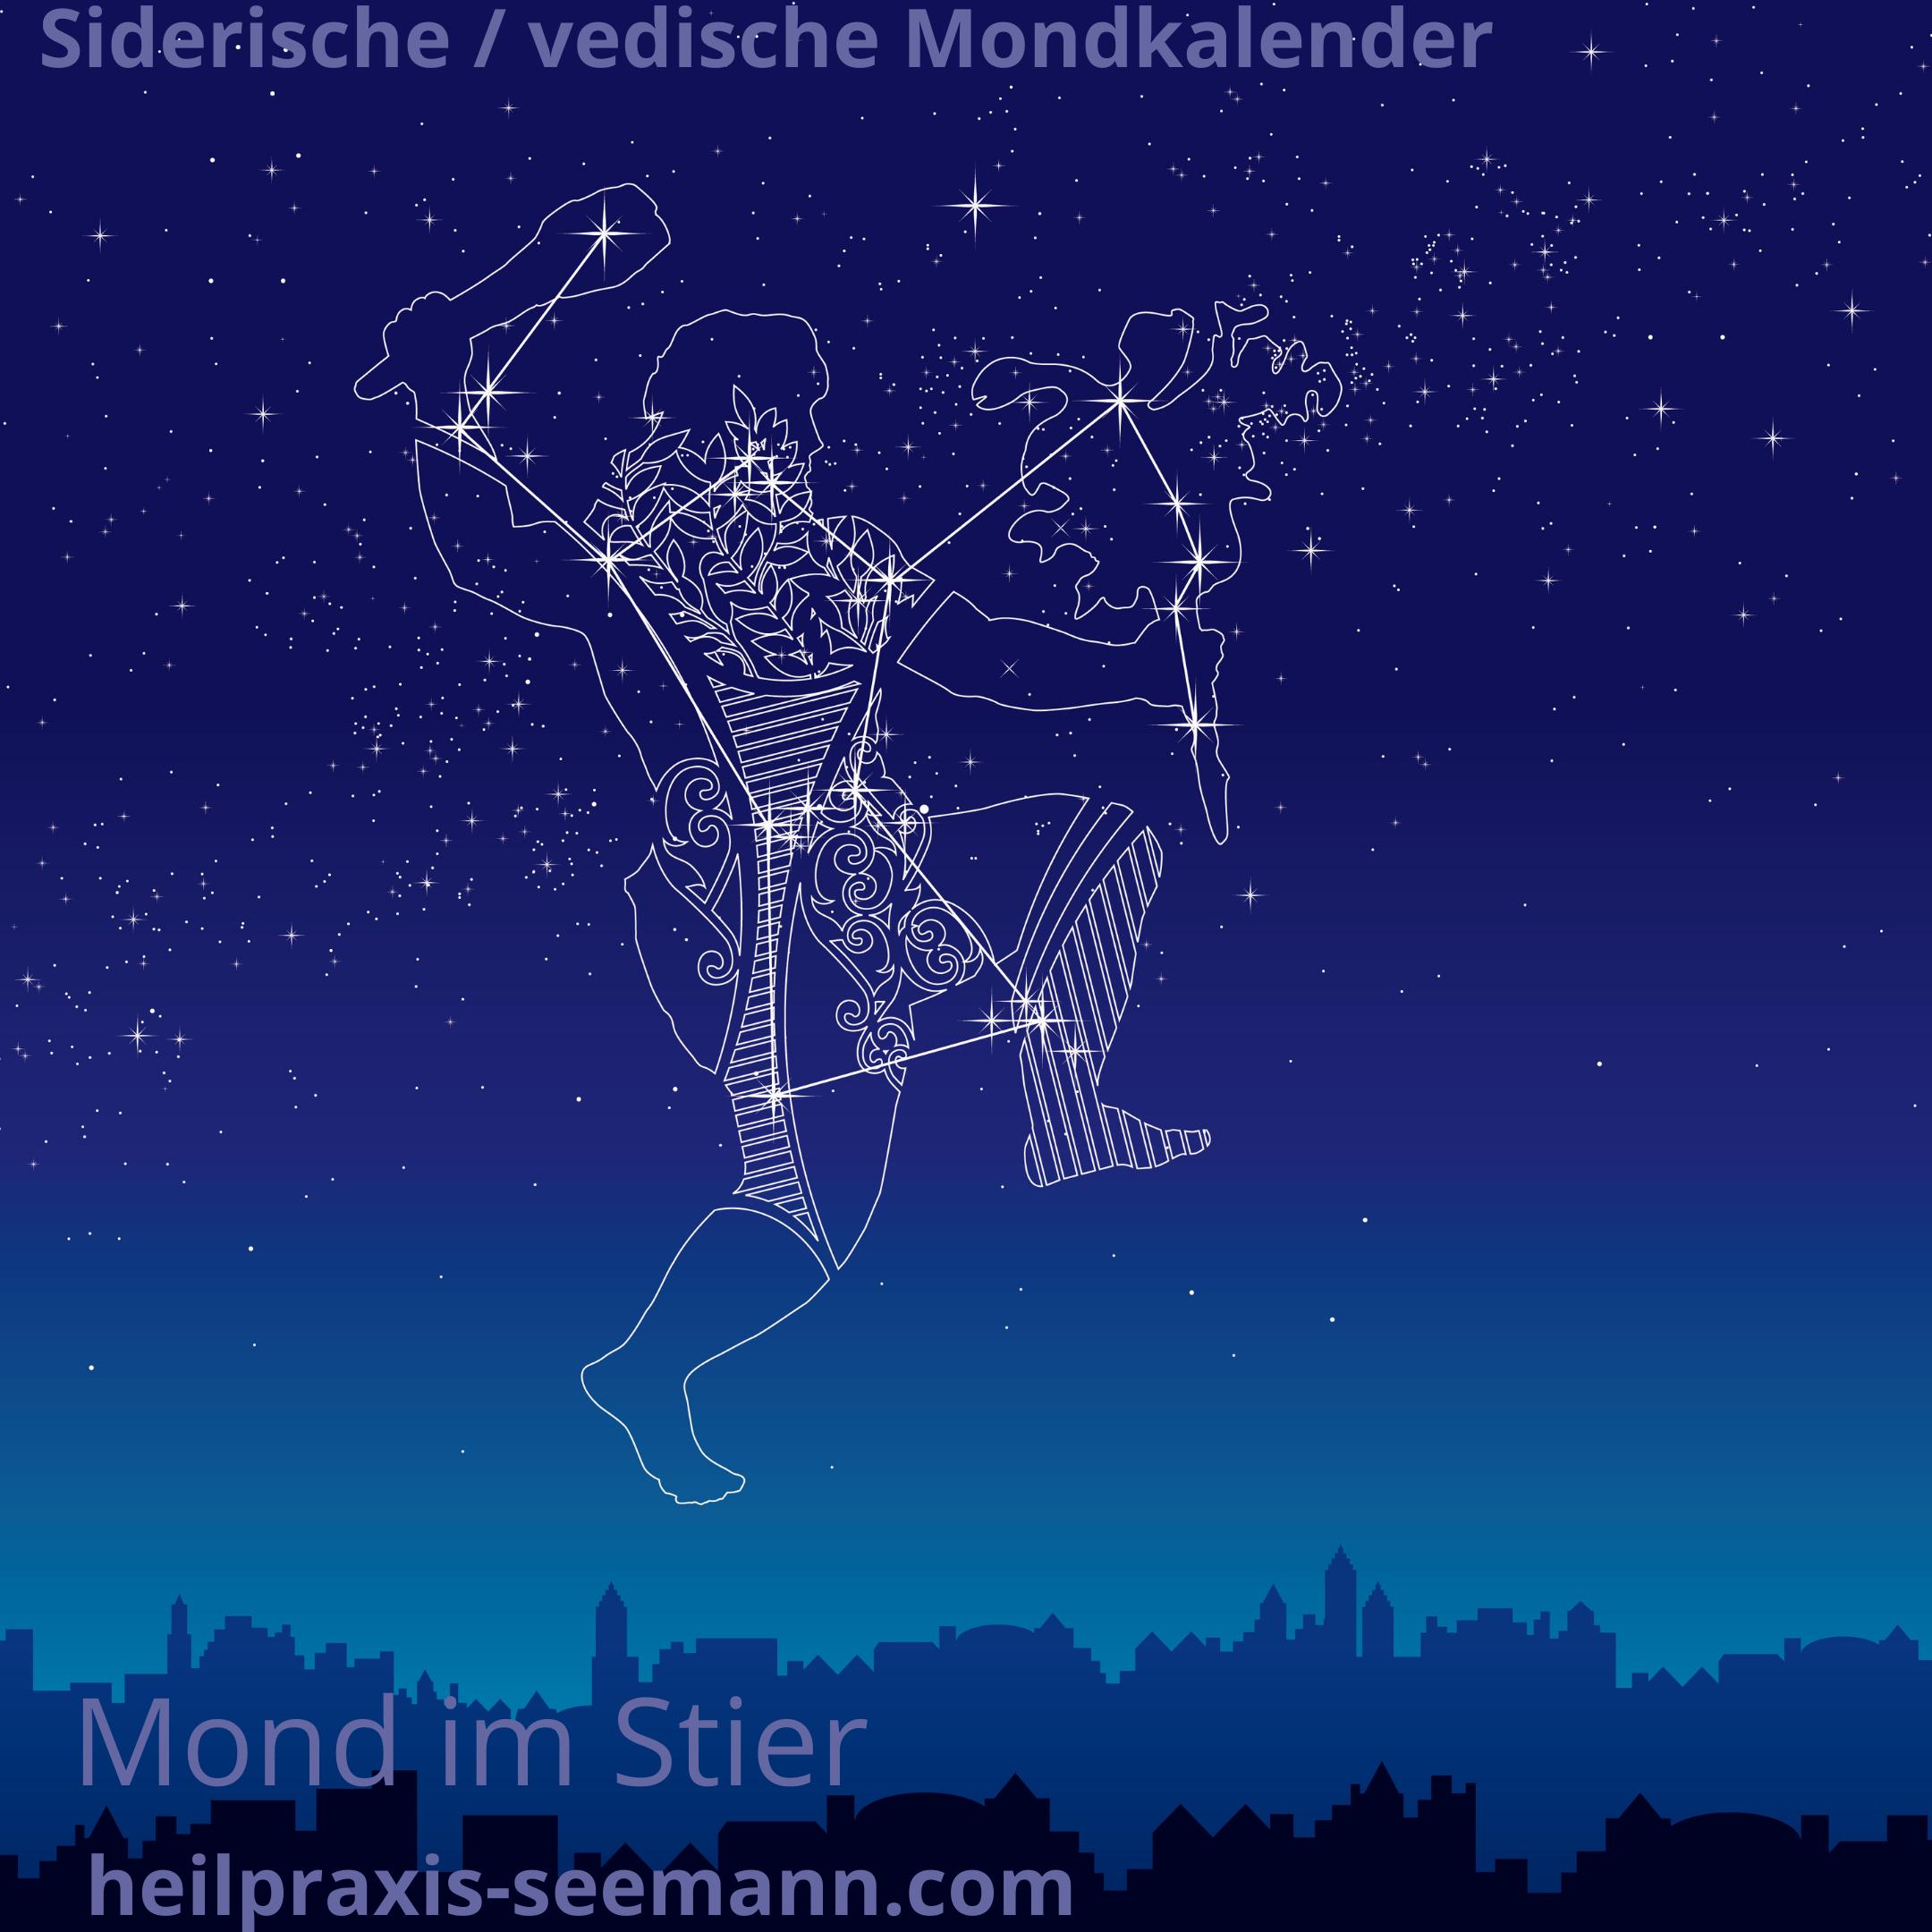 Siderische Mondkalender Mond im Stier